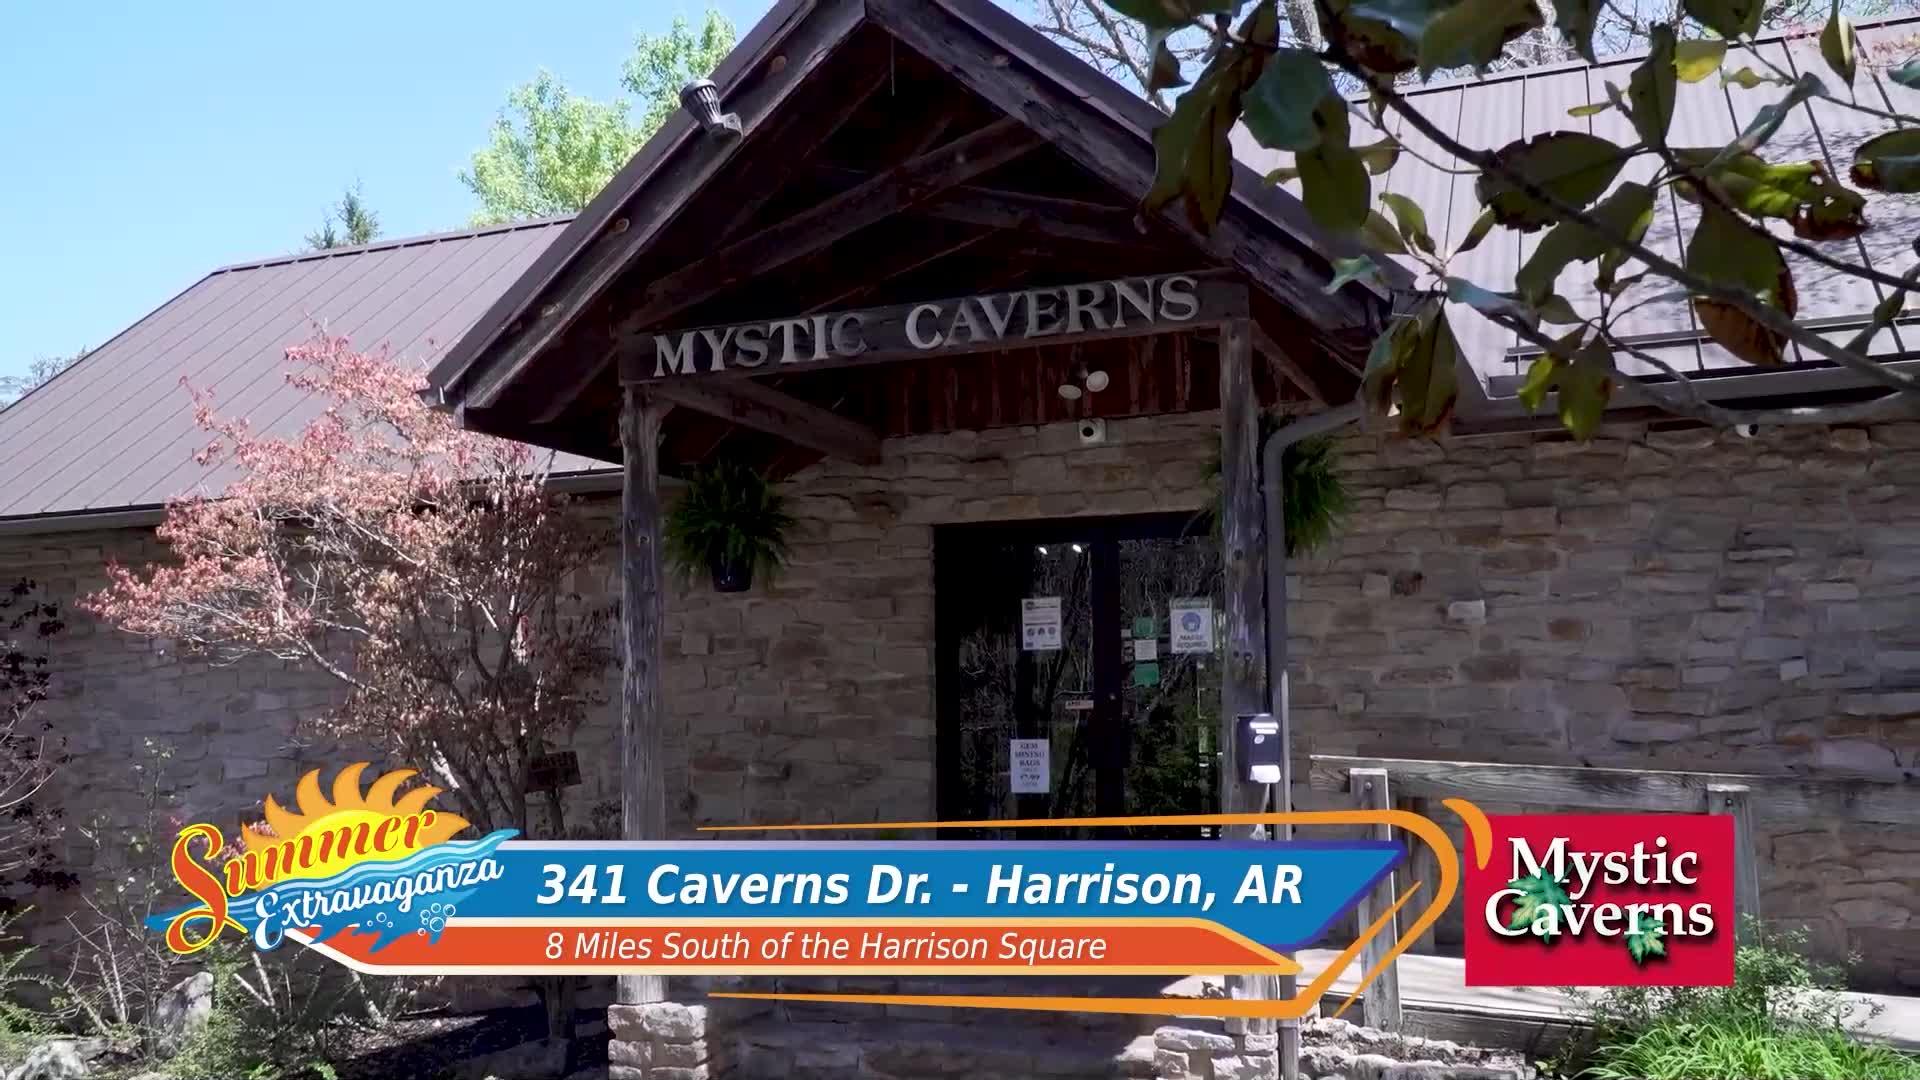 extravaganza Mystic Caverns